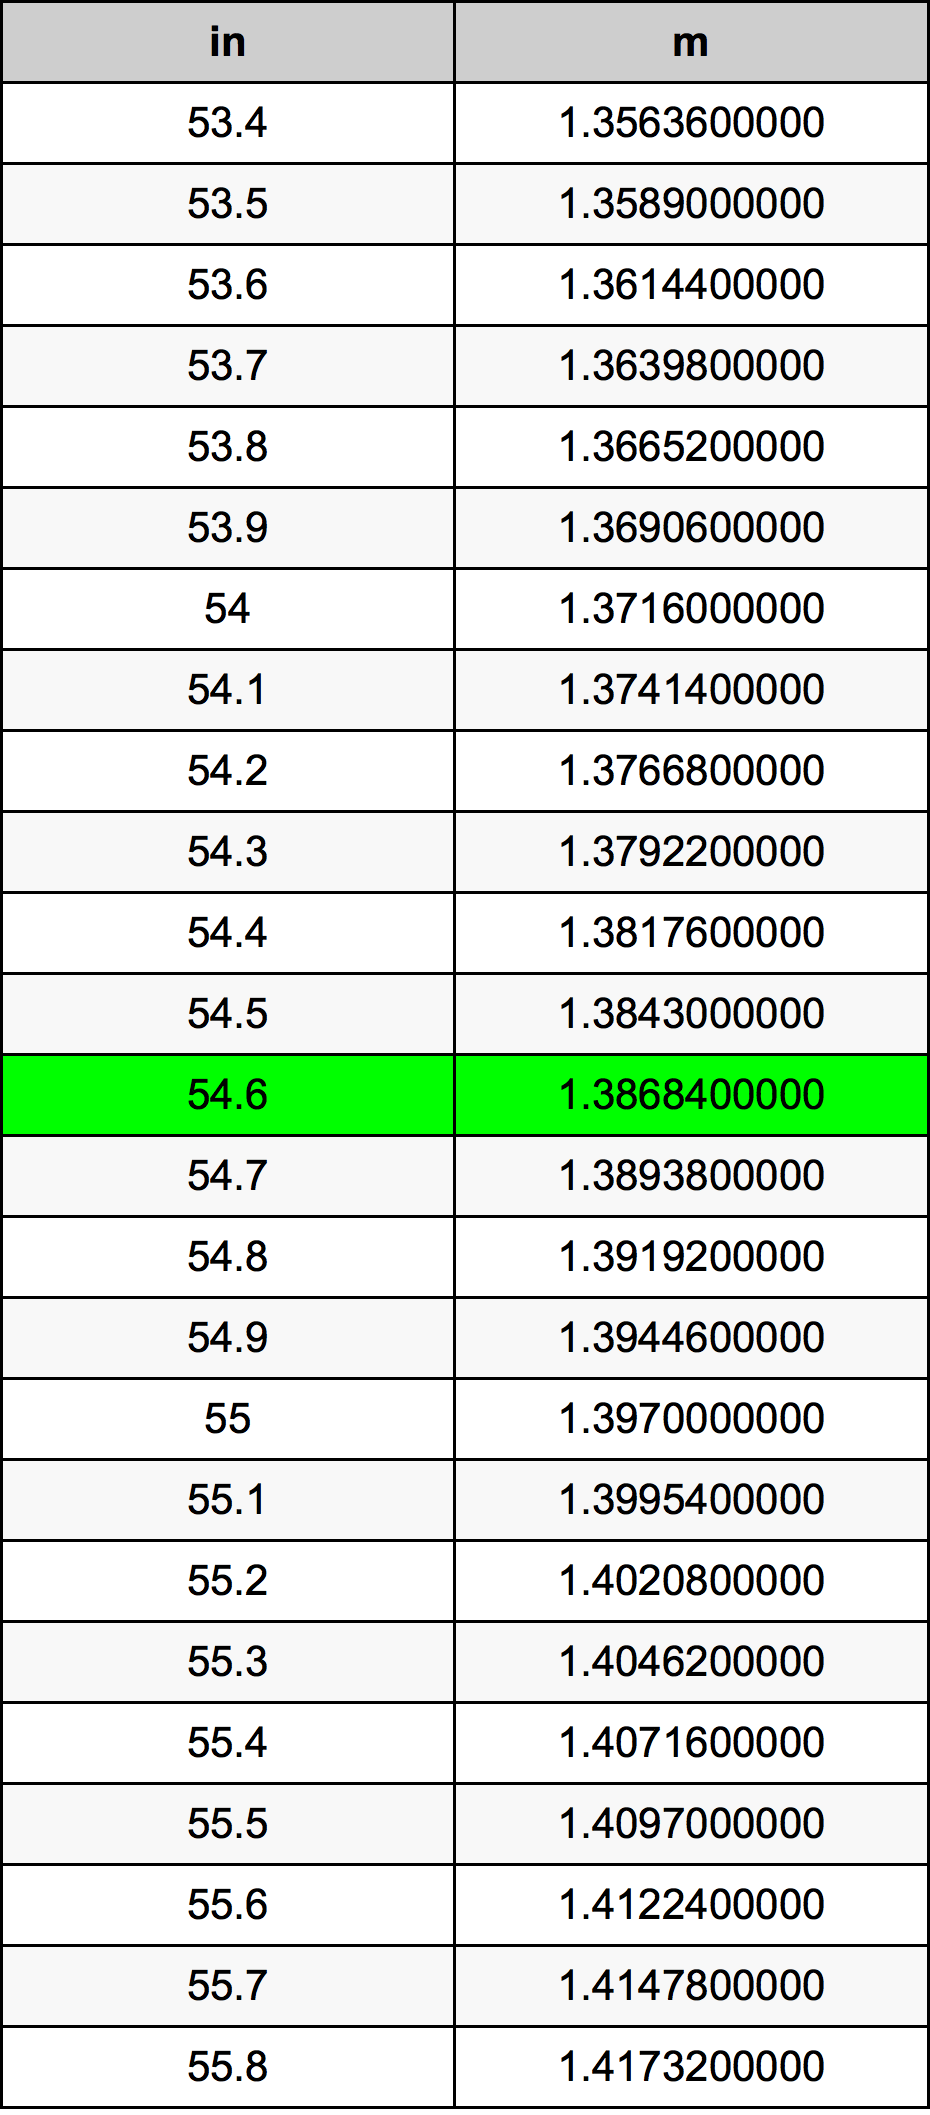 54.6 Pulzier konverżjoni tabella